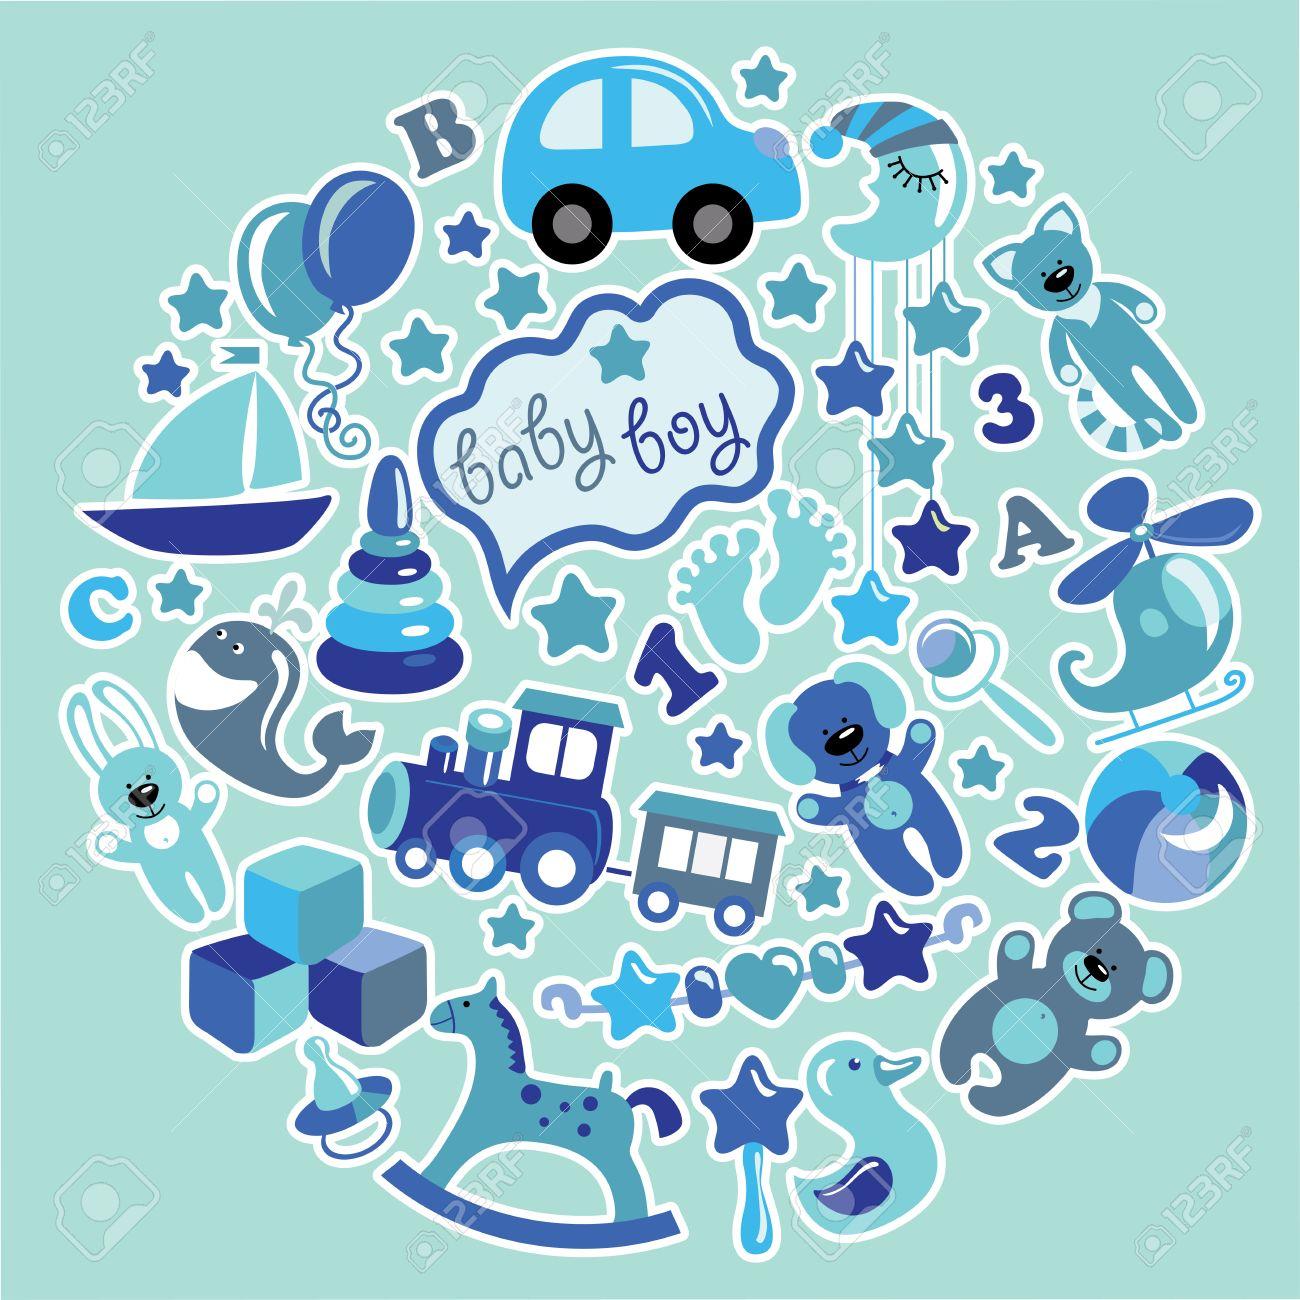 ... conjunto de artículos lindos de los juguetes para el nuevo bebé-niño  nacido en la forma de un círculo. Iconos Azul colors.Vector d0a852b58abd